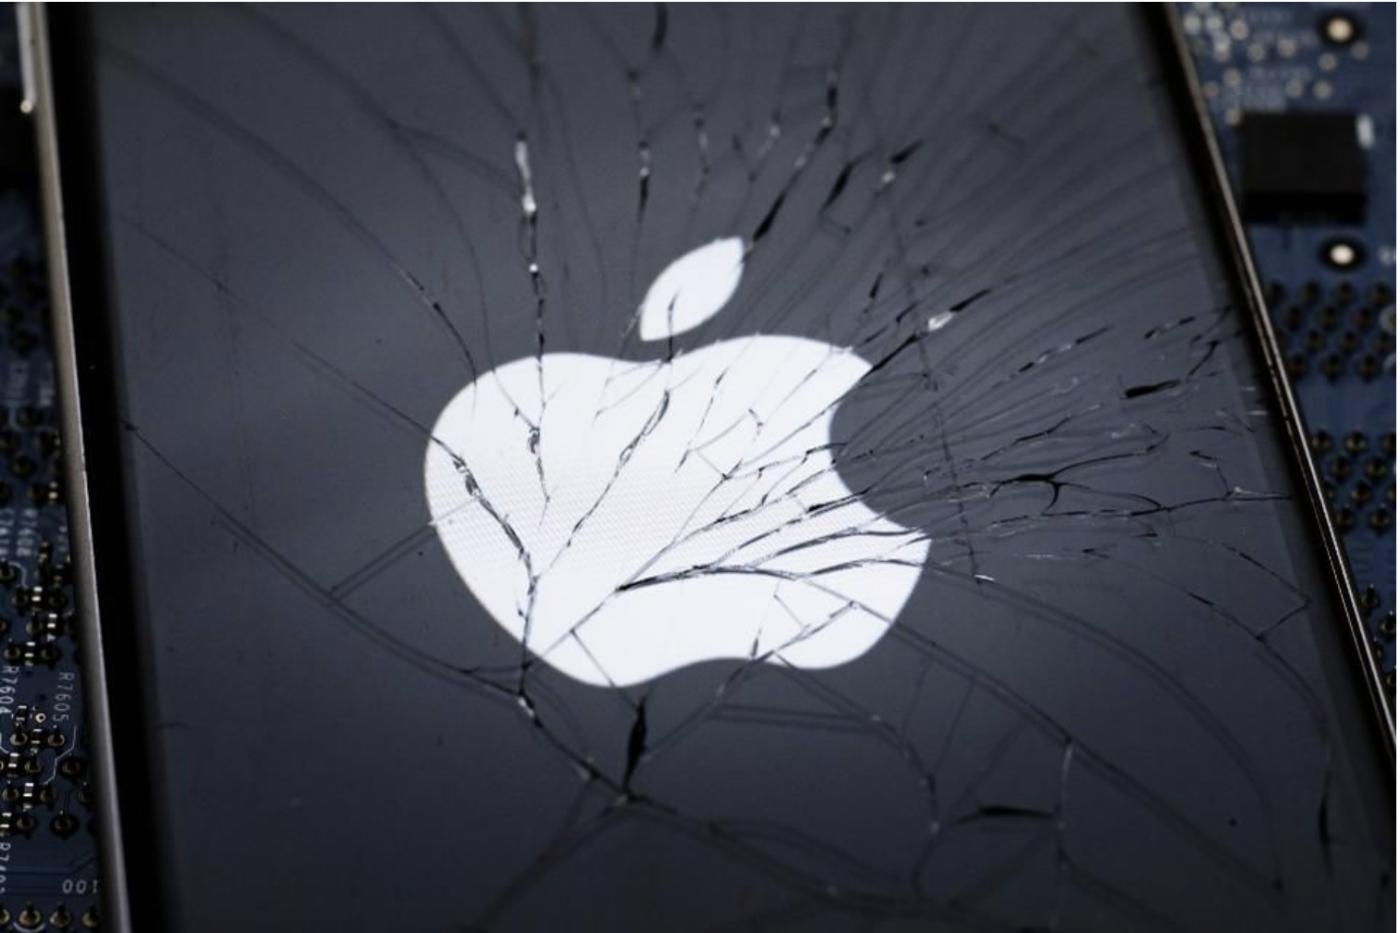 中国会不会封杀《苹果》报复美国?_图1-1